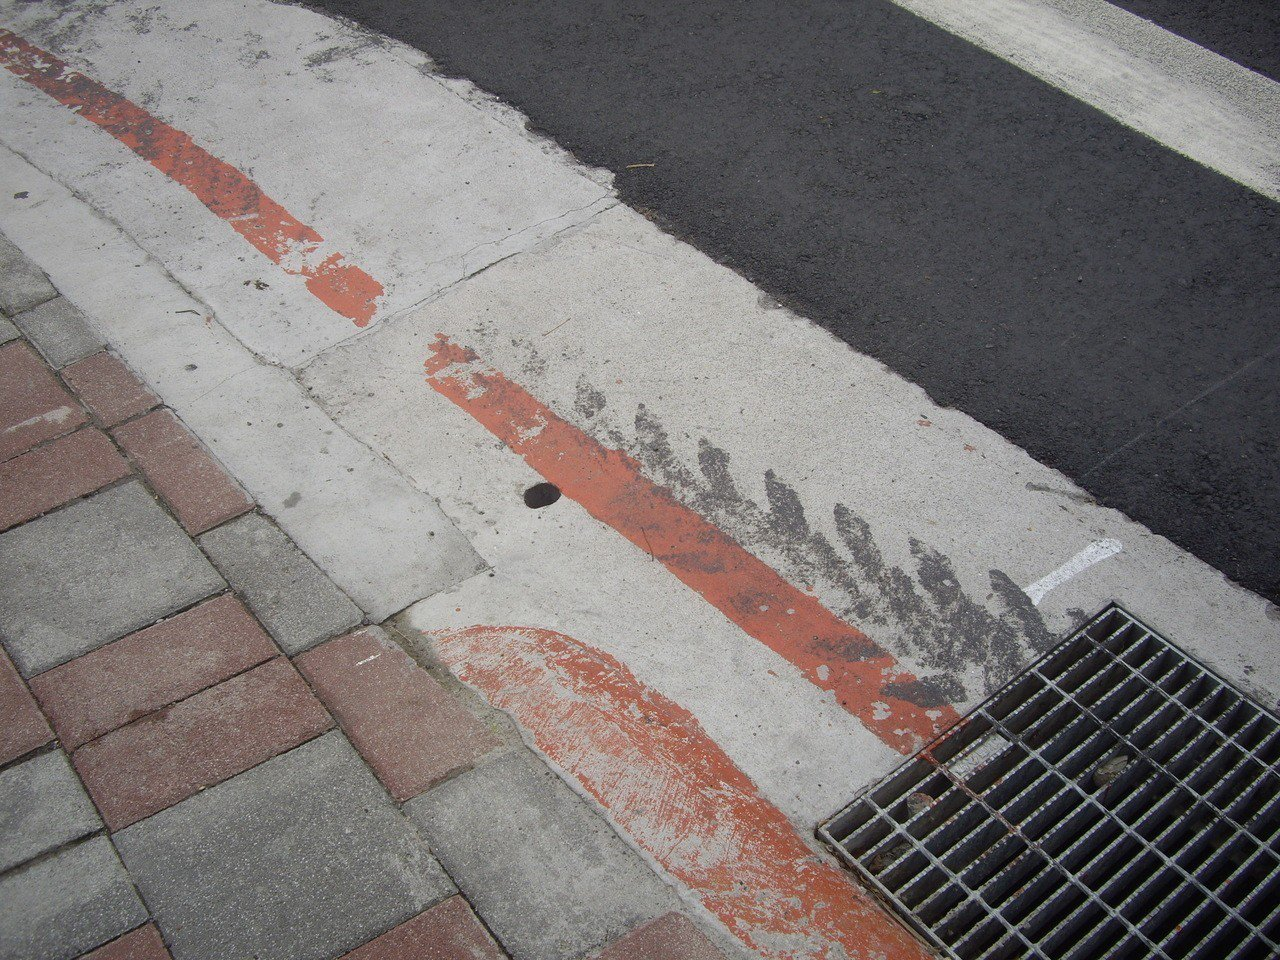 台灣人行道力推無障礙,台北市把許多路口的90度垂直角磨成斜坡,但每個斜坡大小、斜...